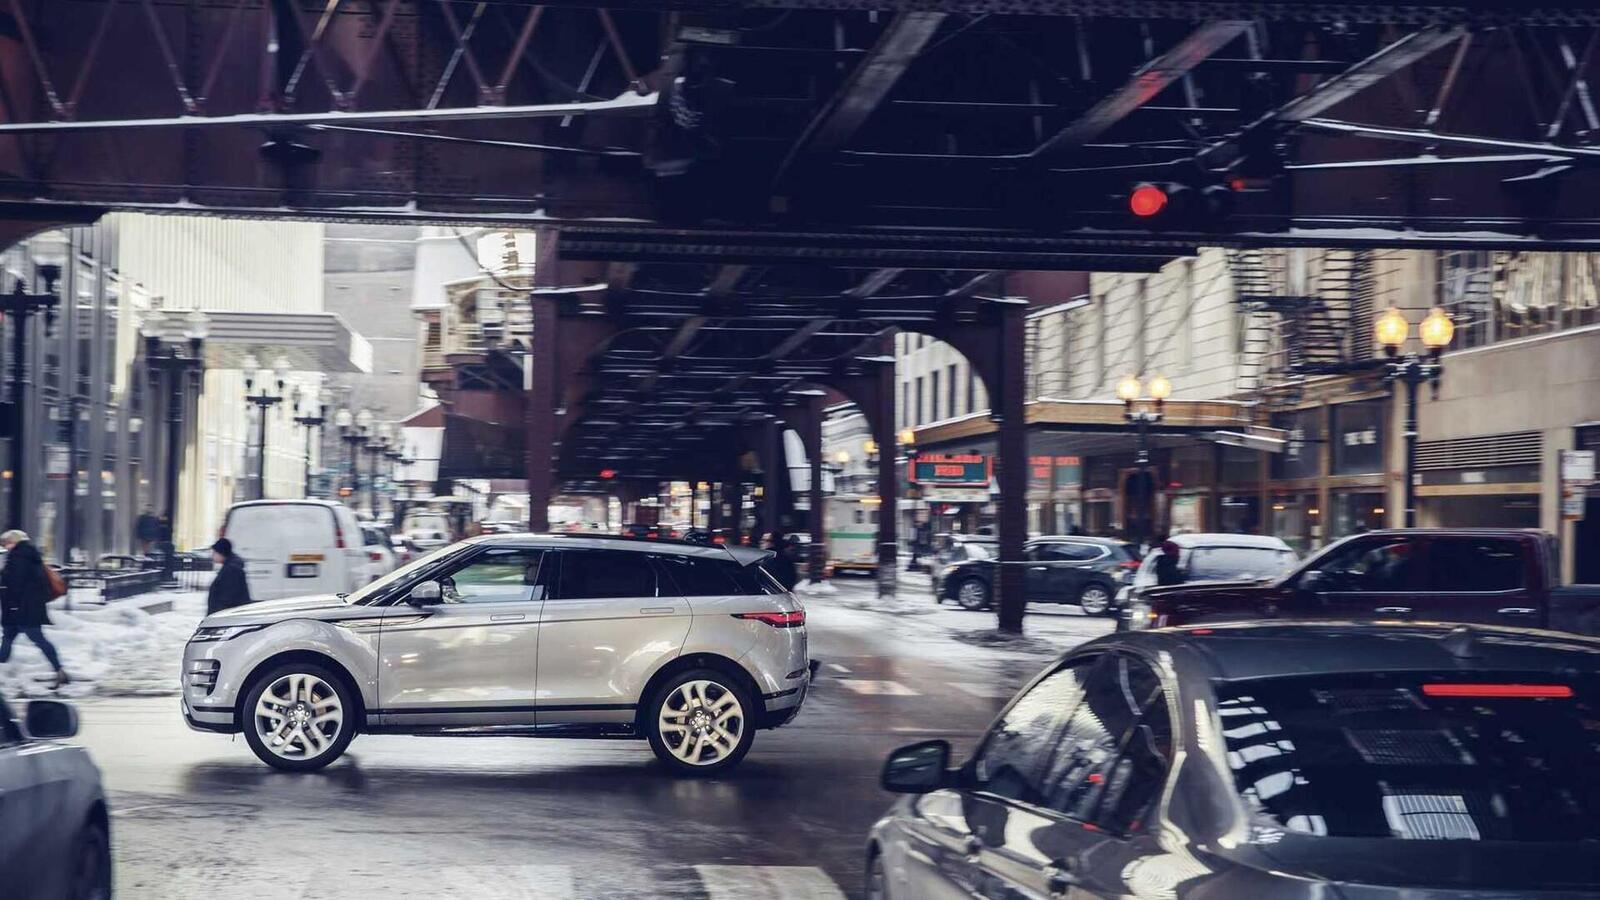 Range Rover Evoque mới tại Mỹ có giá từ 43.645 USD, đắt hơn Audi Q5 và Mercedes GLC - Hình 19